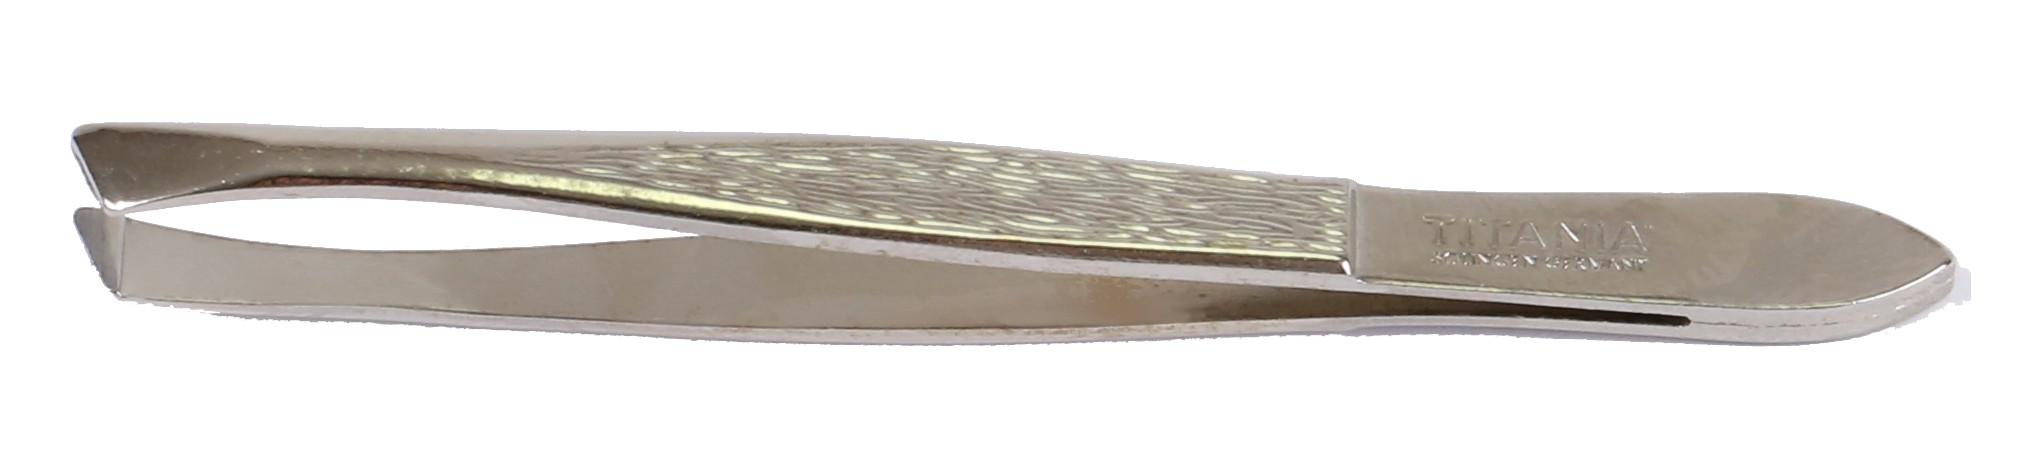 TITANIA Пинцет скошенный большой 1066